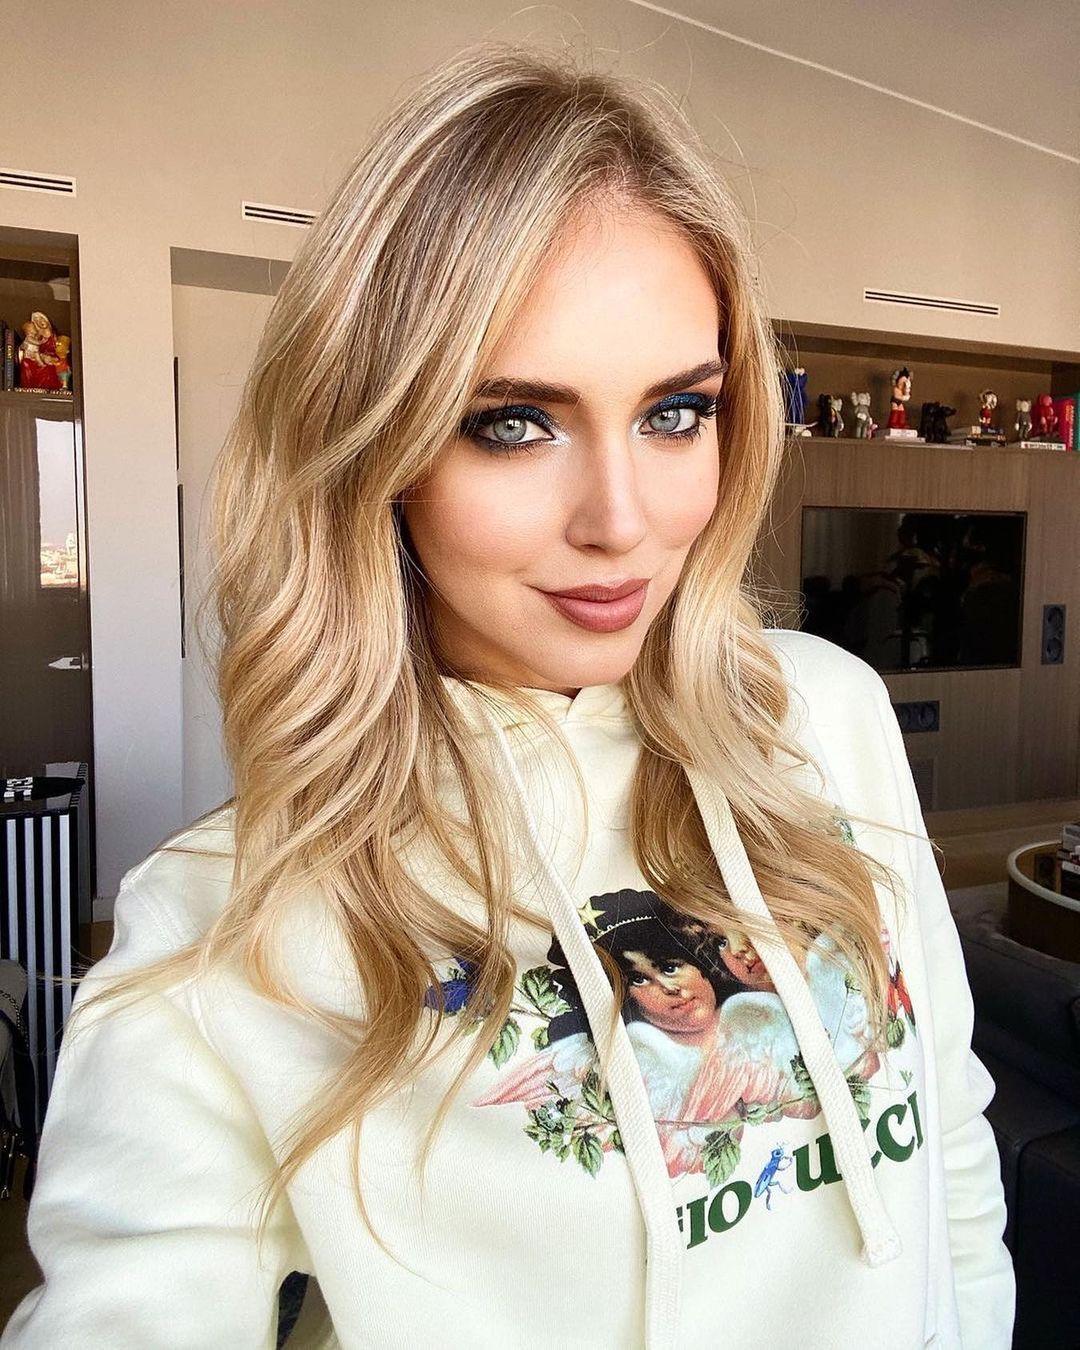 elio fiorucci - chiara ferragni con maglione con scritta fiorucci